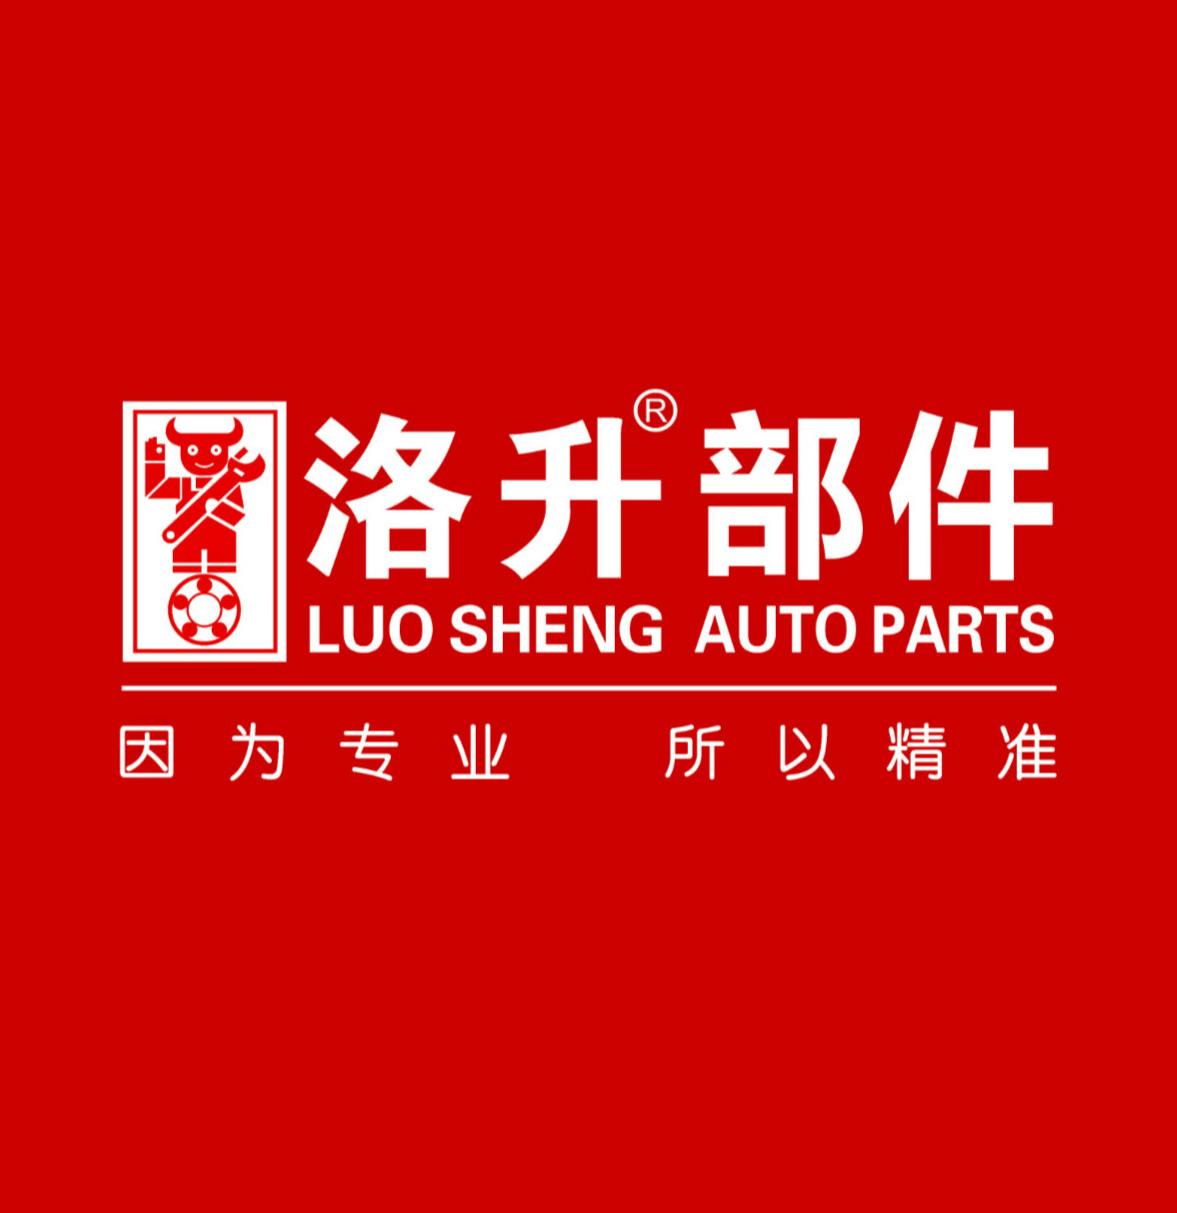 湖南中軸汽車工業有限公司